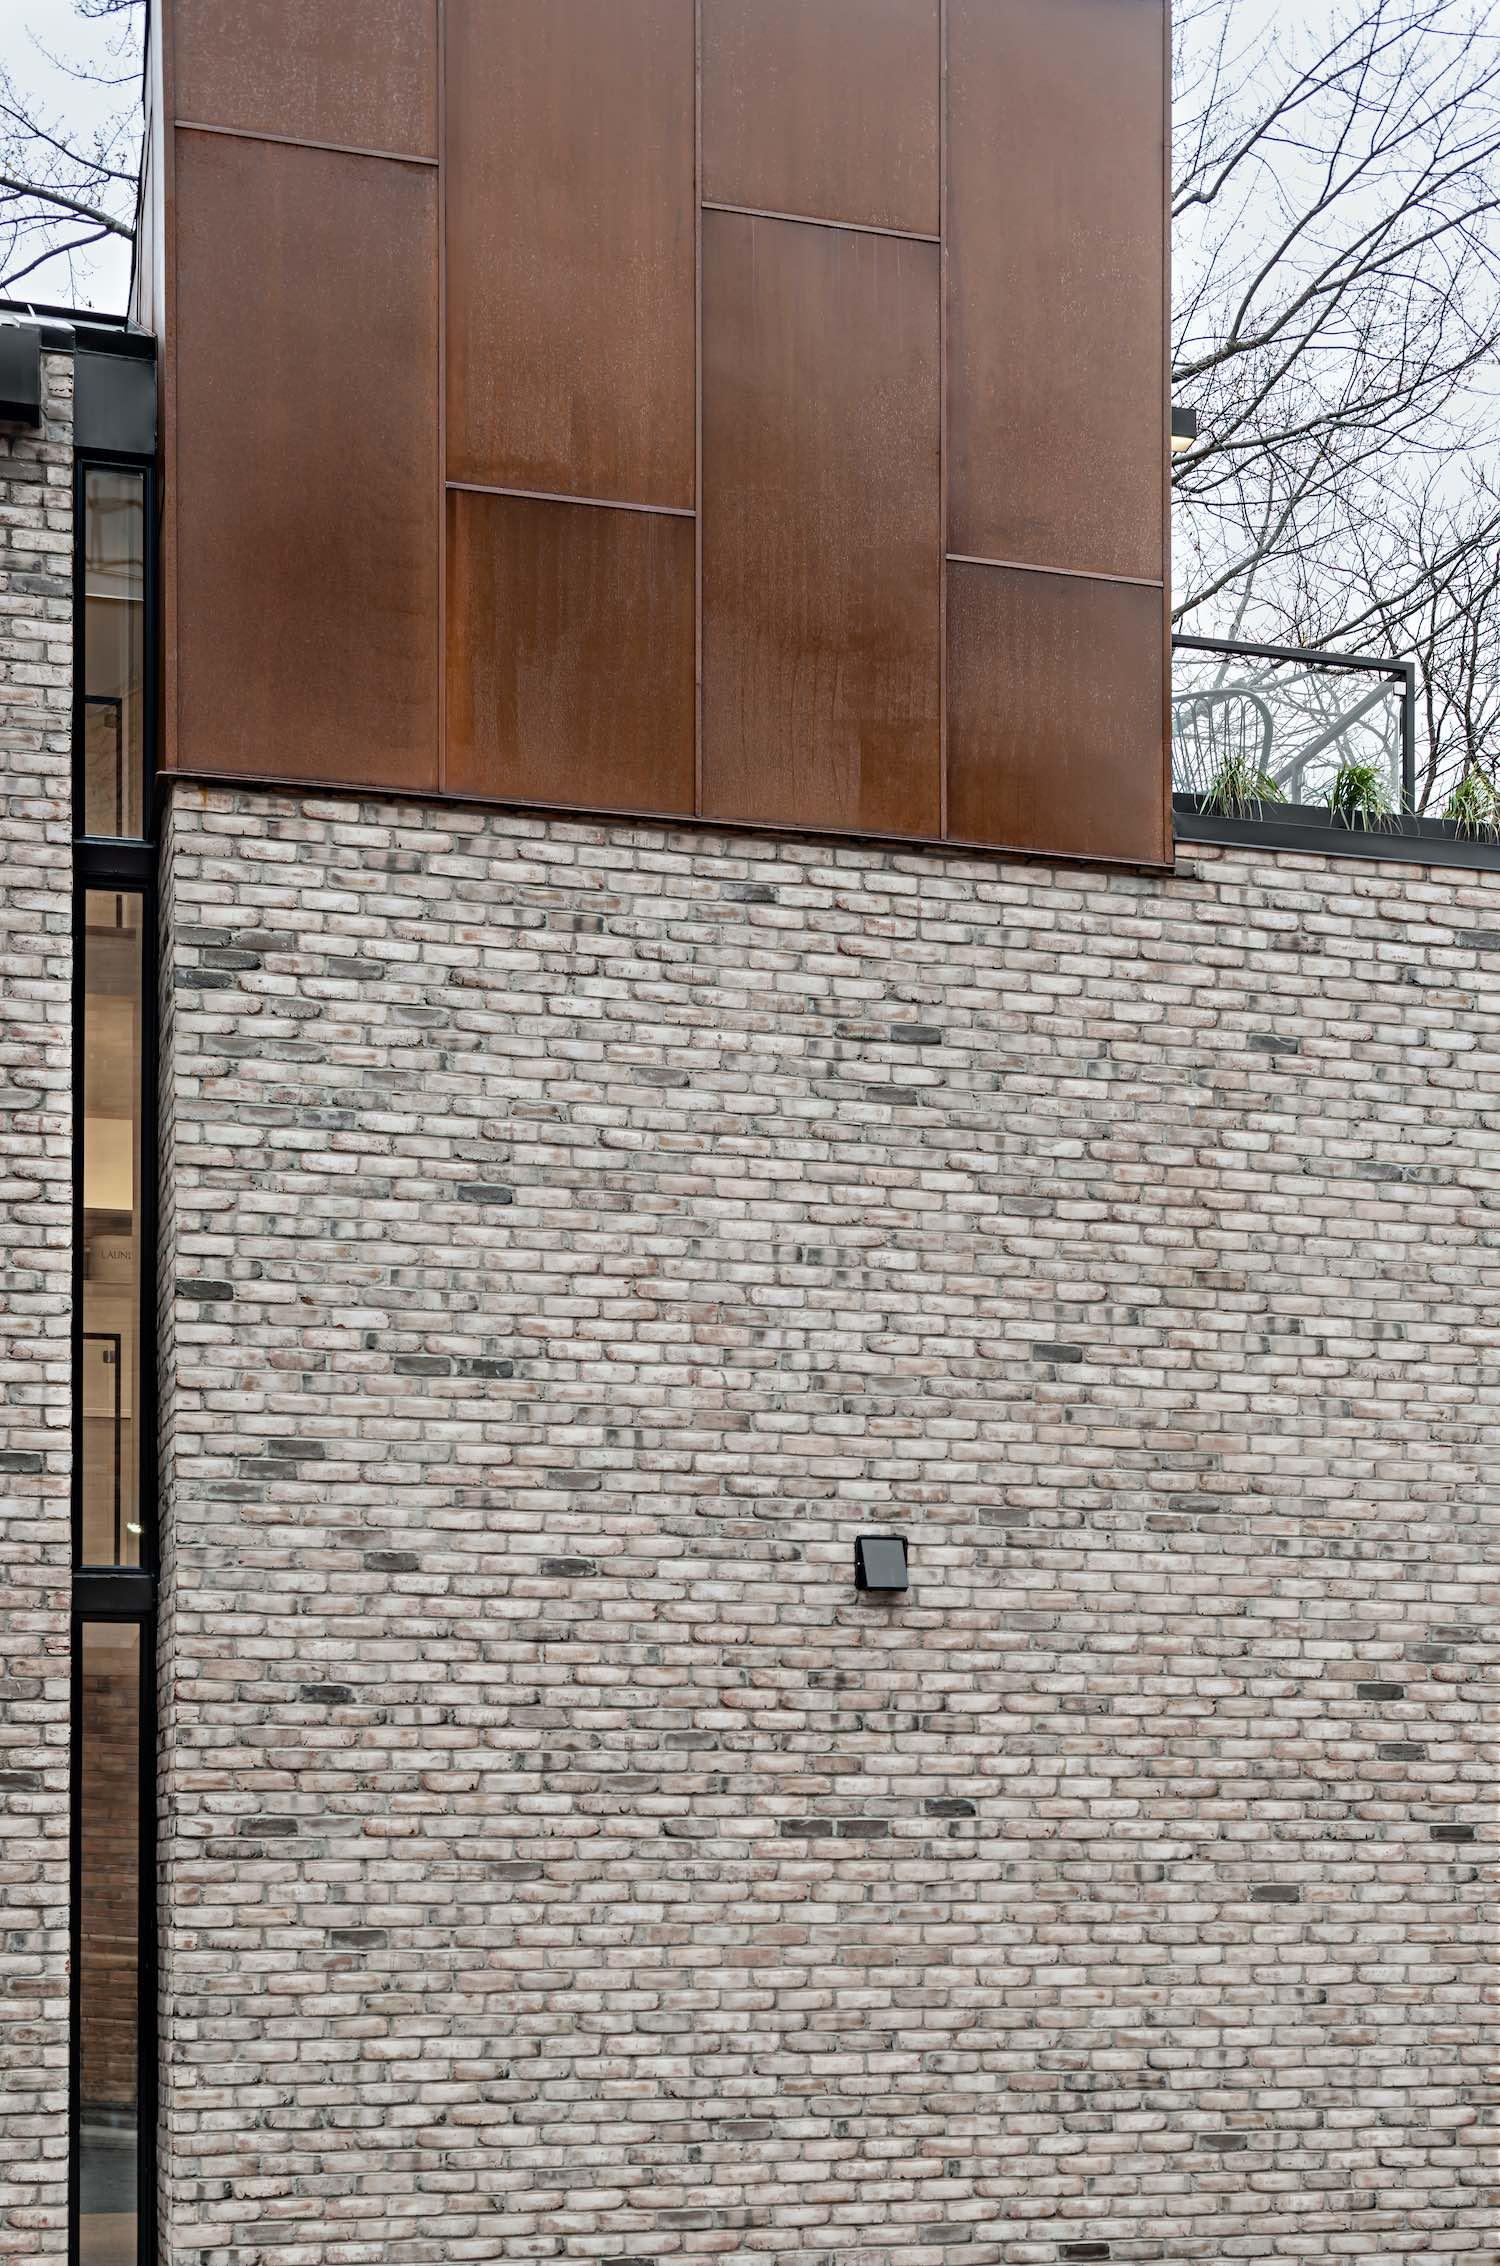 brick exterior facade